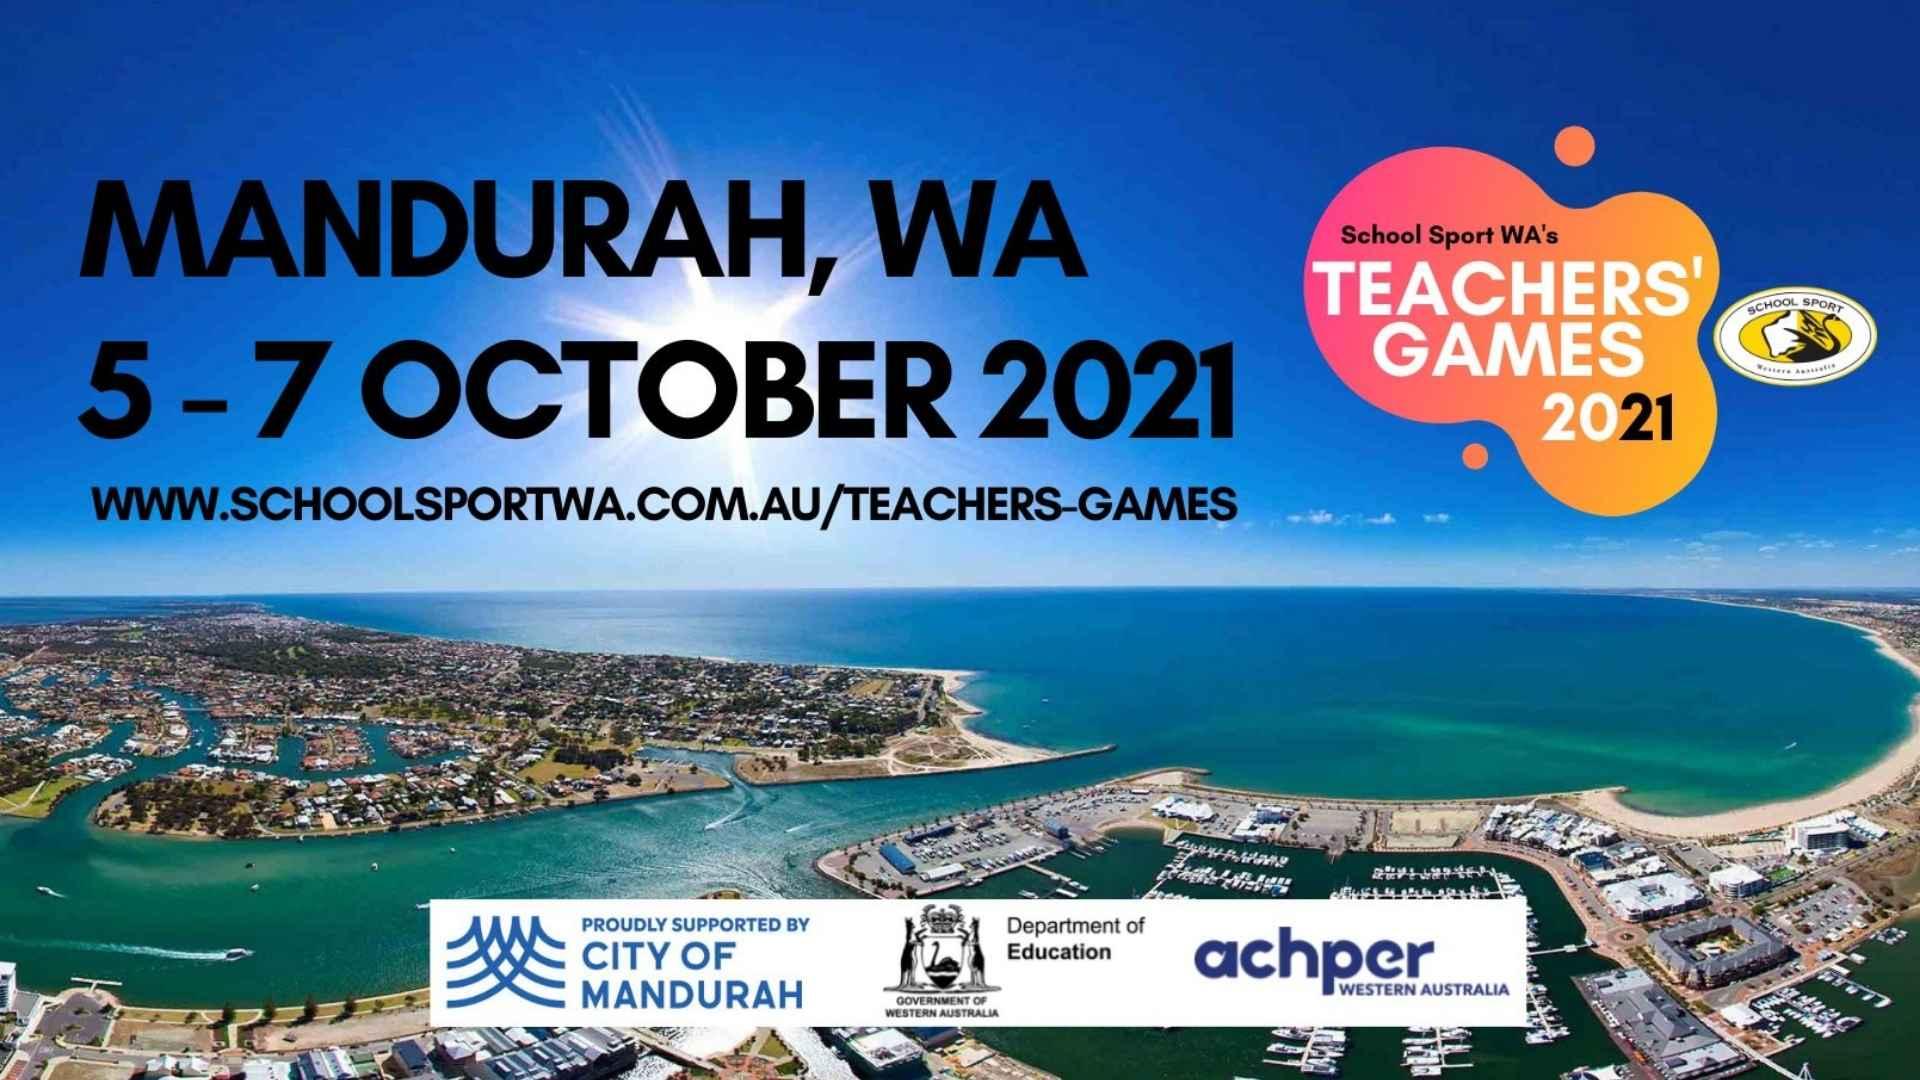 Teacher-games-2021